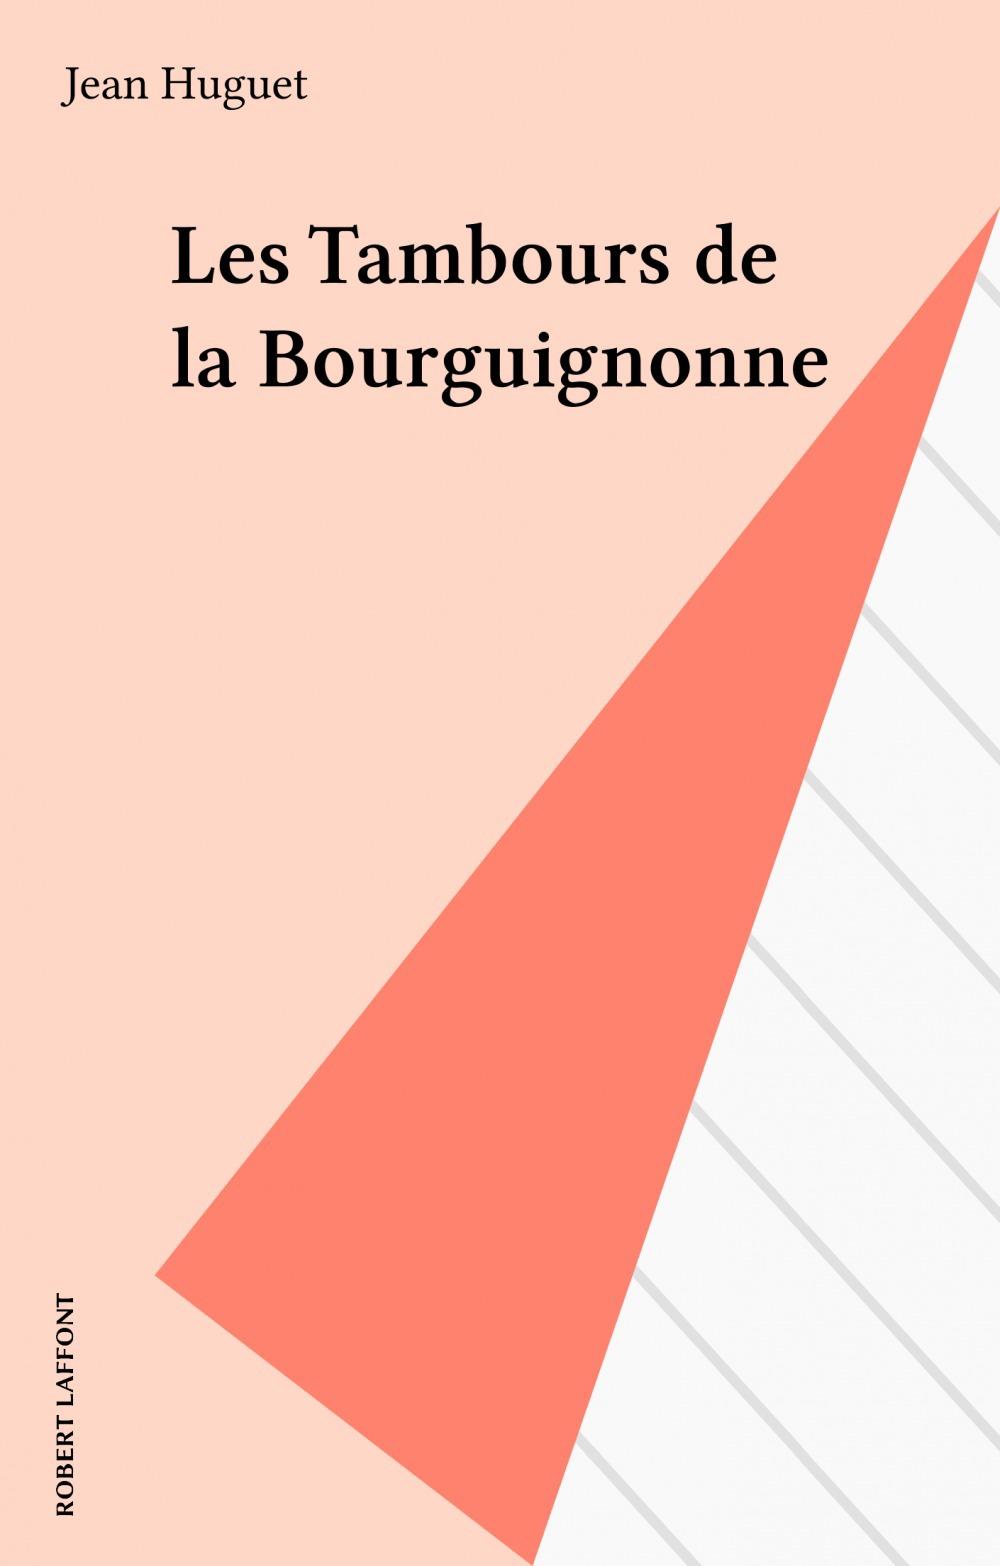 Les tambours de la bourguignonne